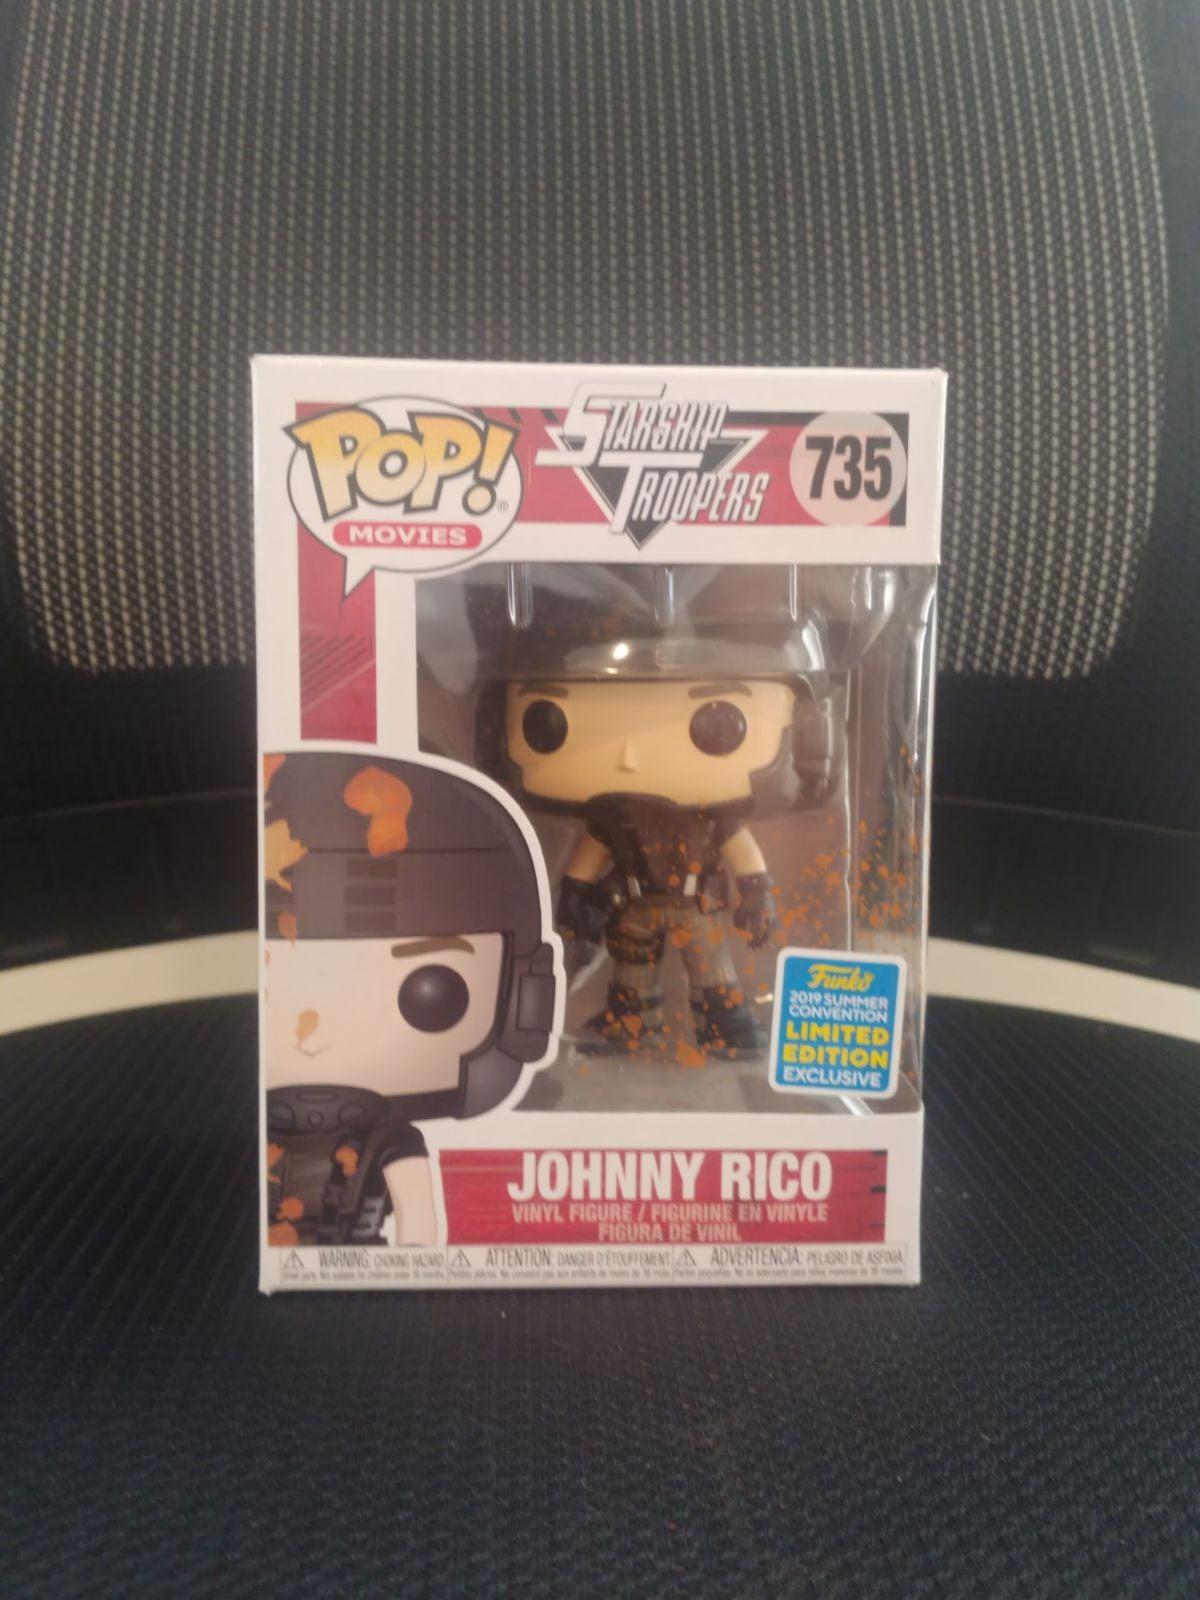 Johnny Rico SDCC 2019 735 Pop! Movies